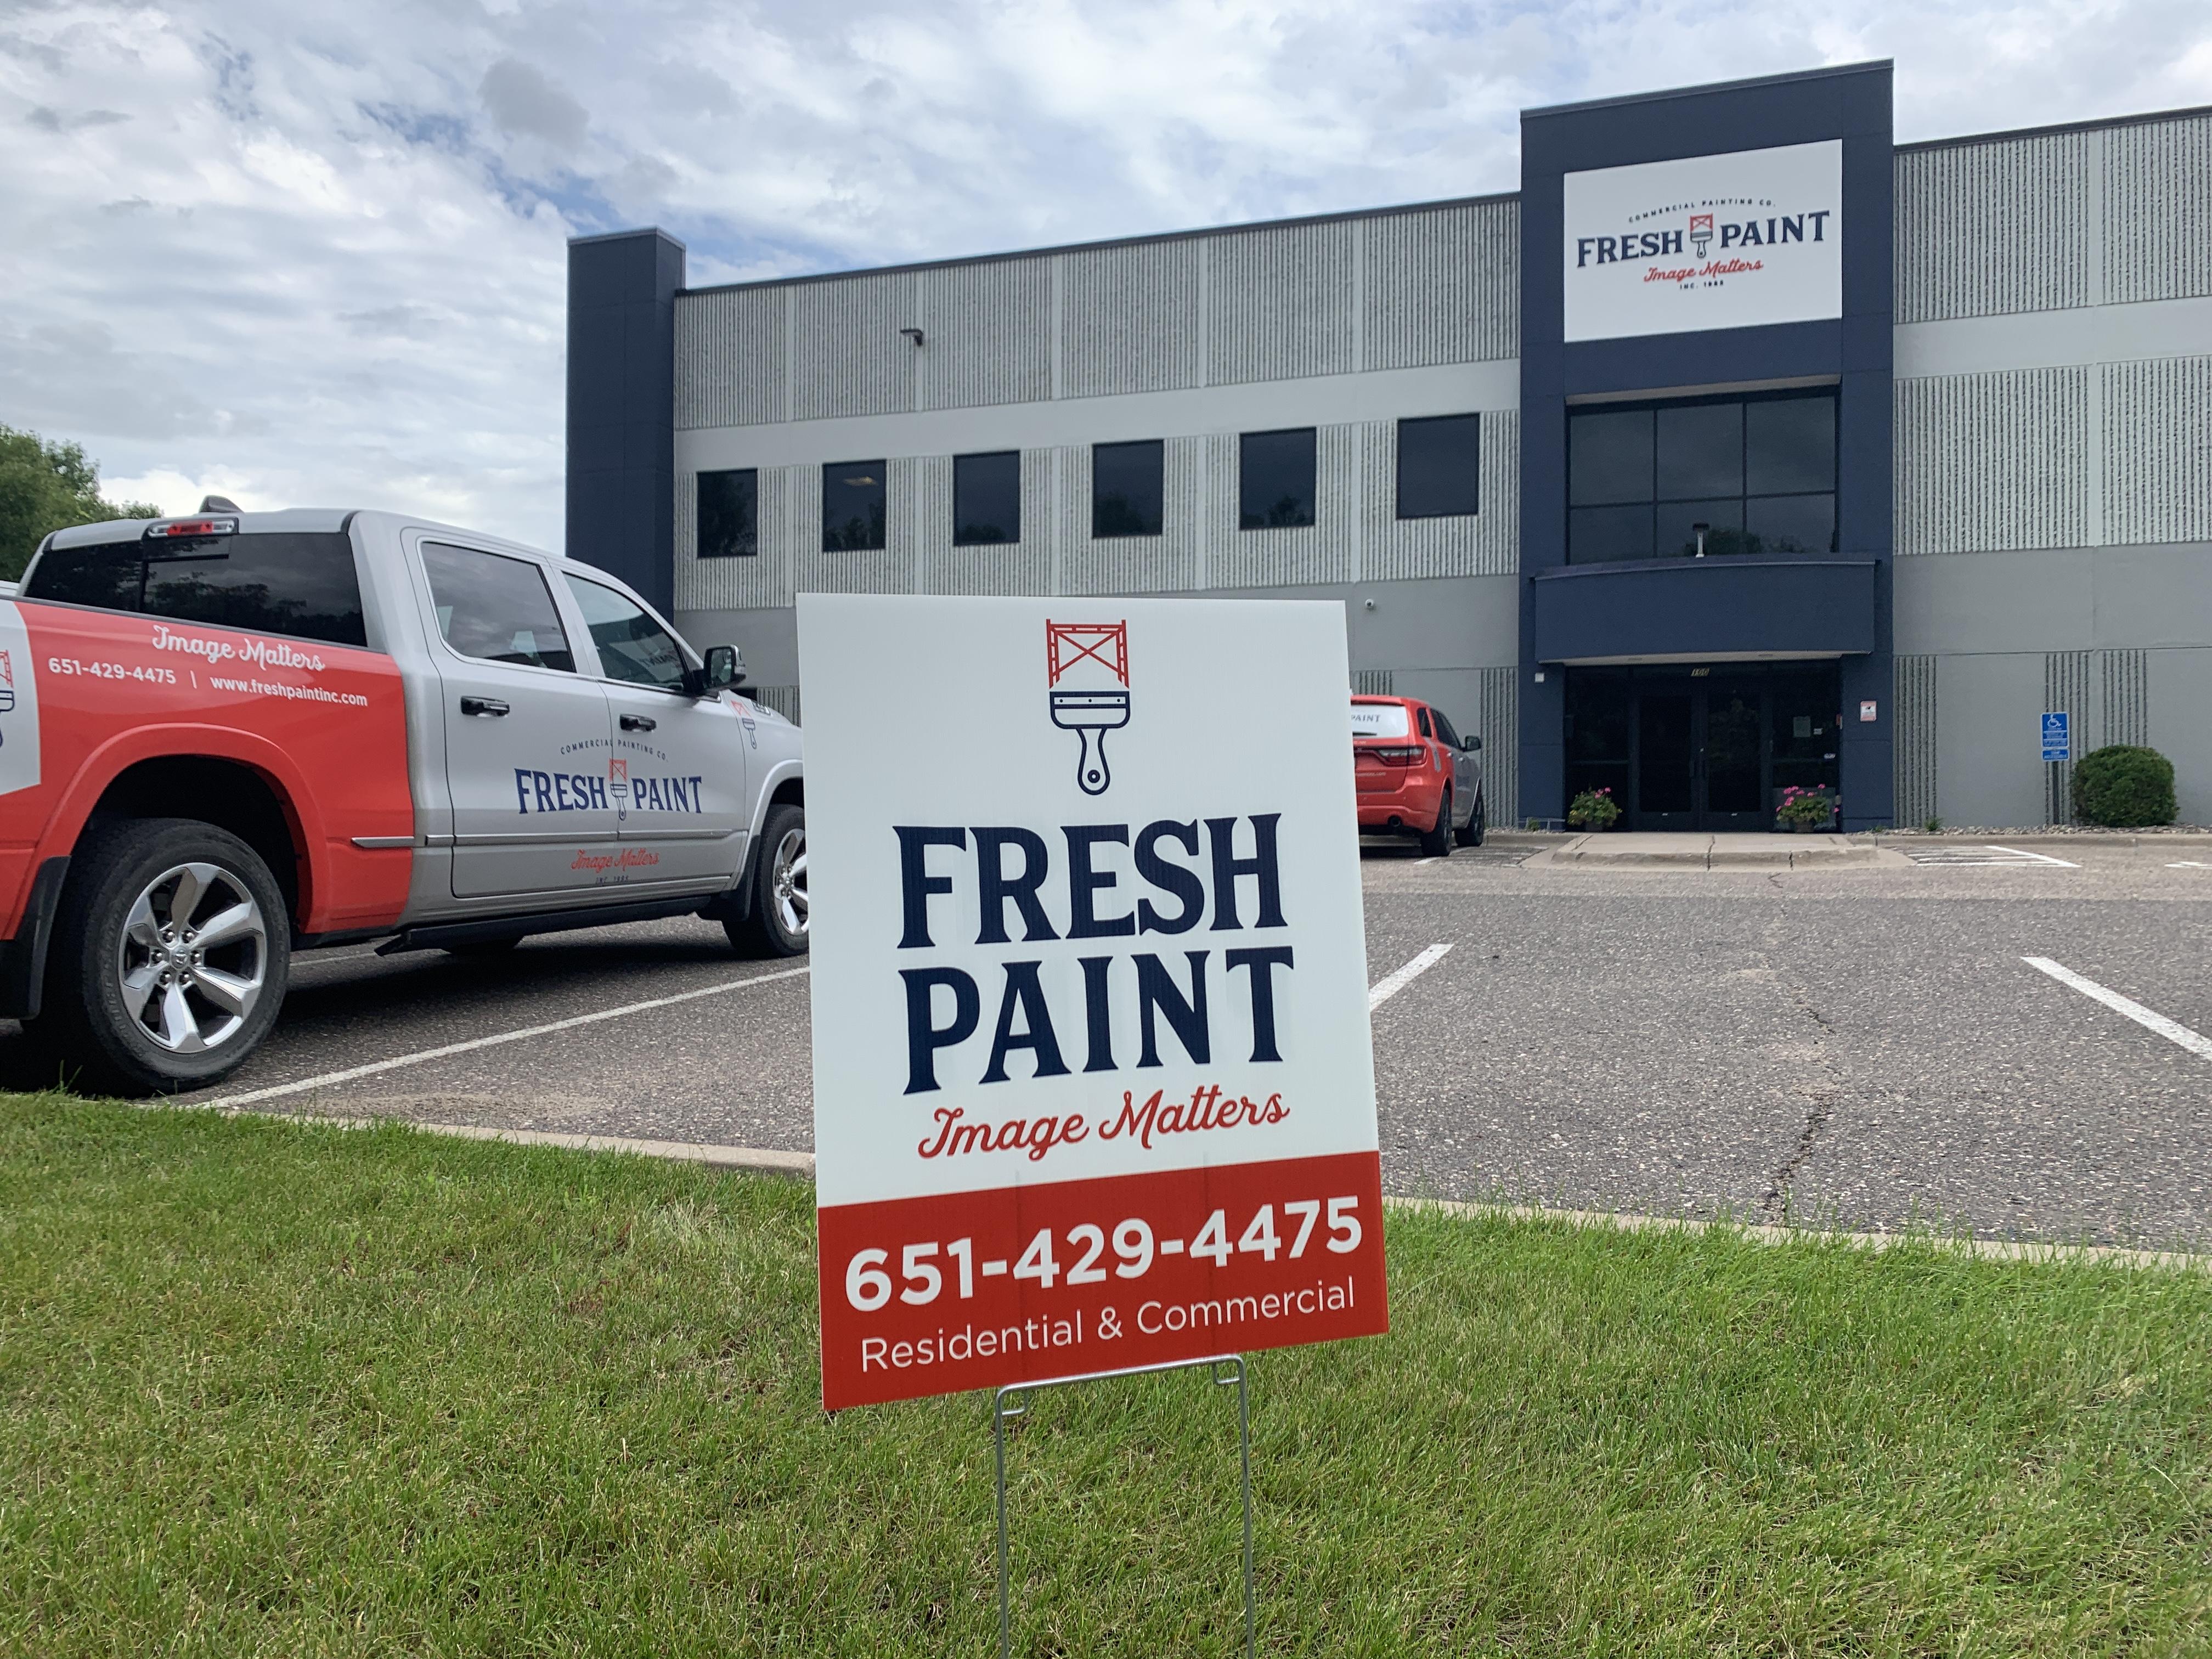 Big News at Fresh Paint